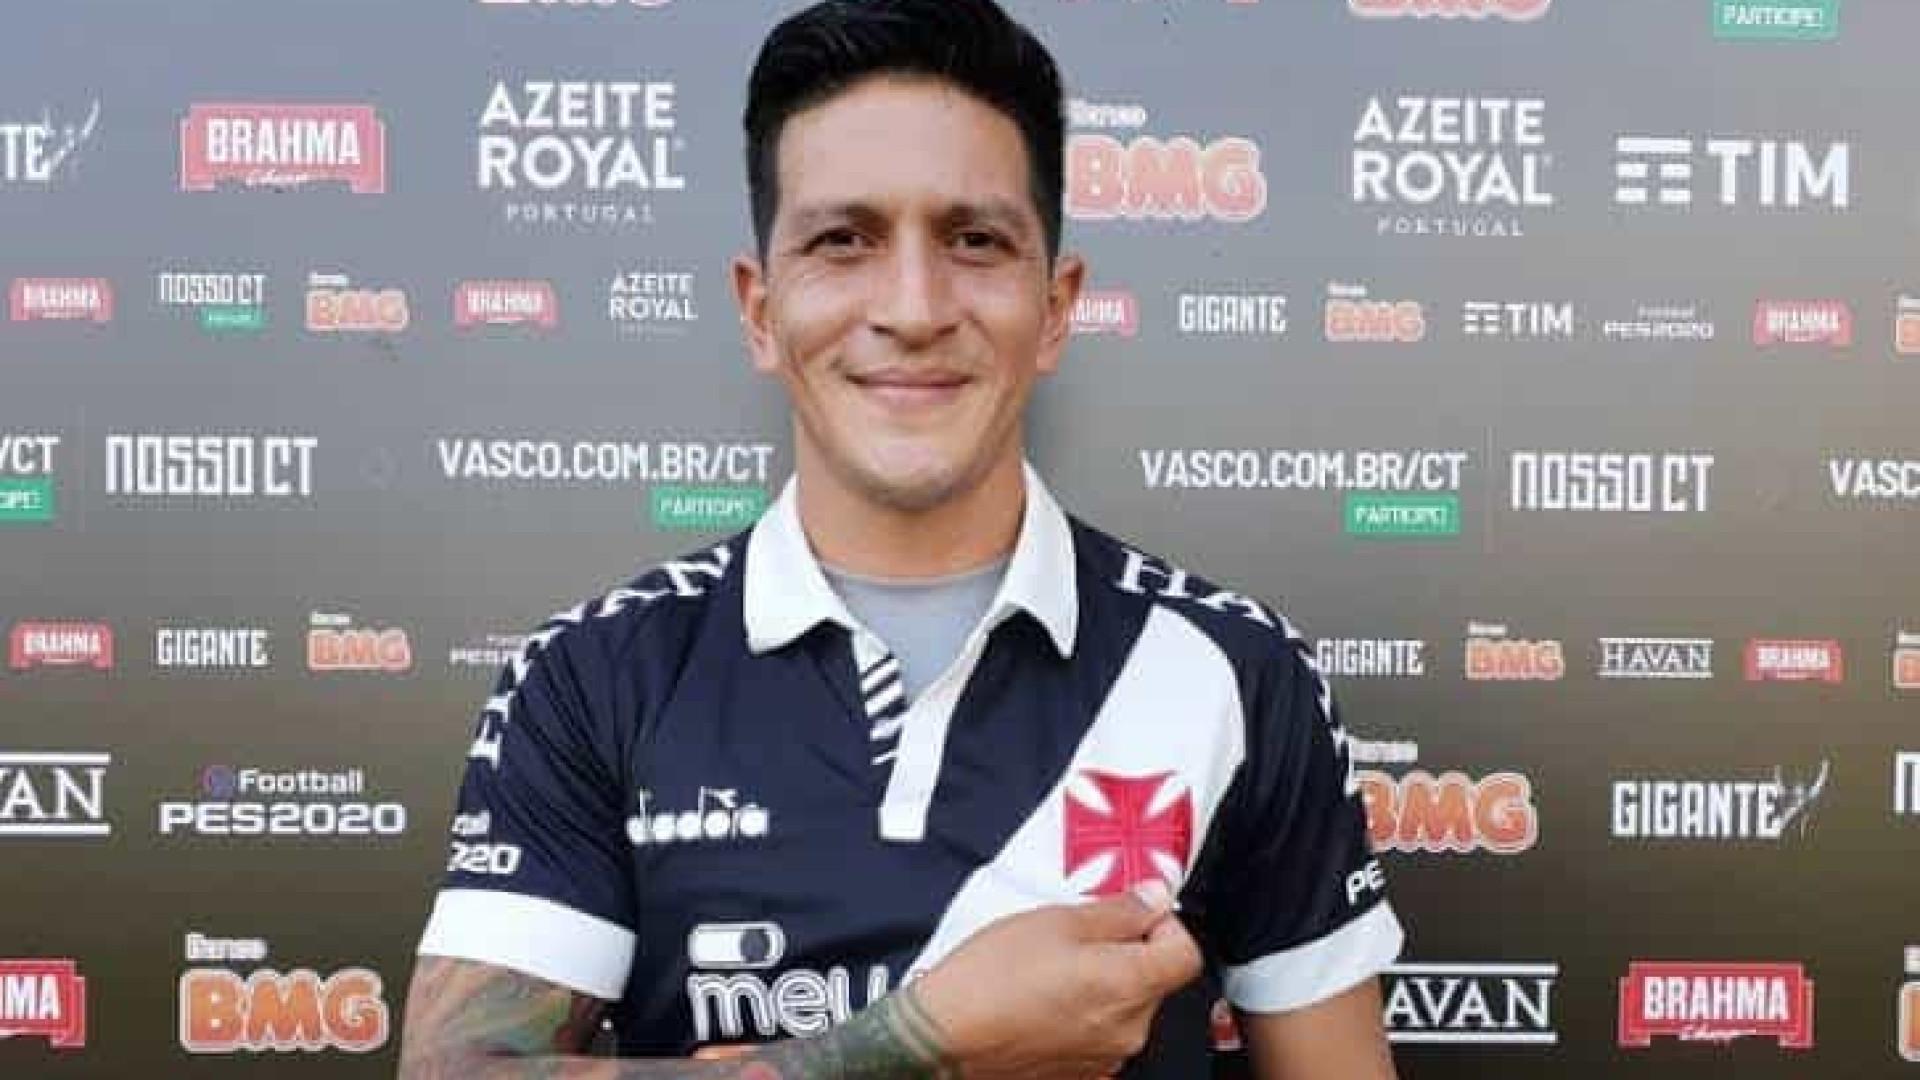 Cano se mostra satisfeito em ajudar o Vasco: 'Fico muito feliz'